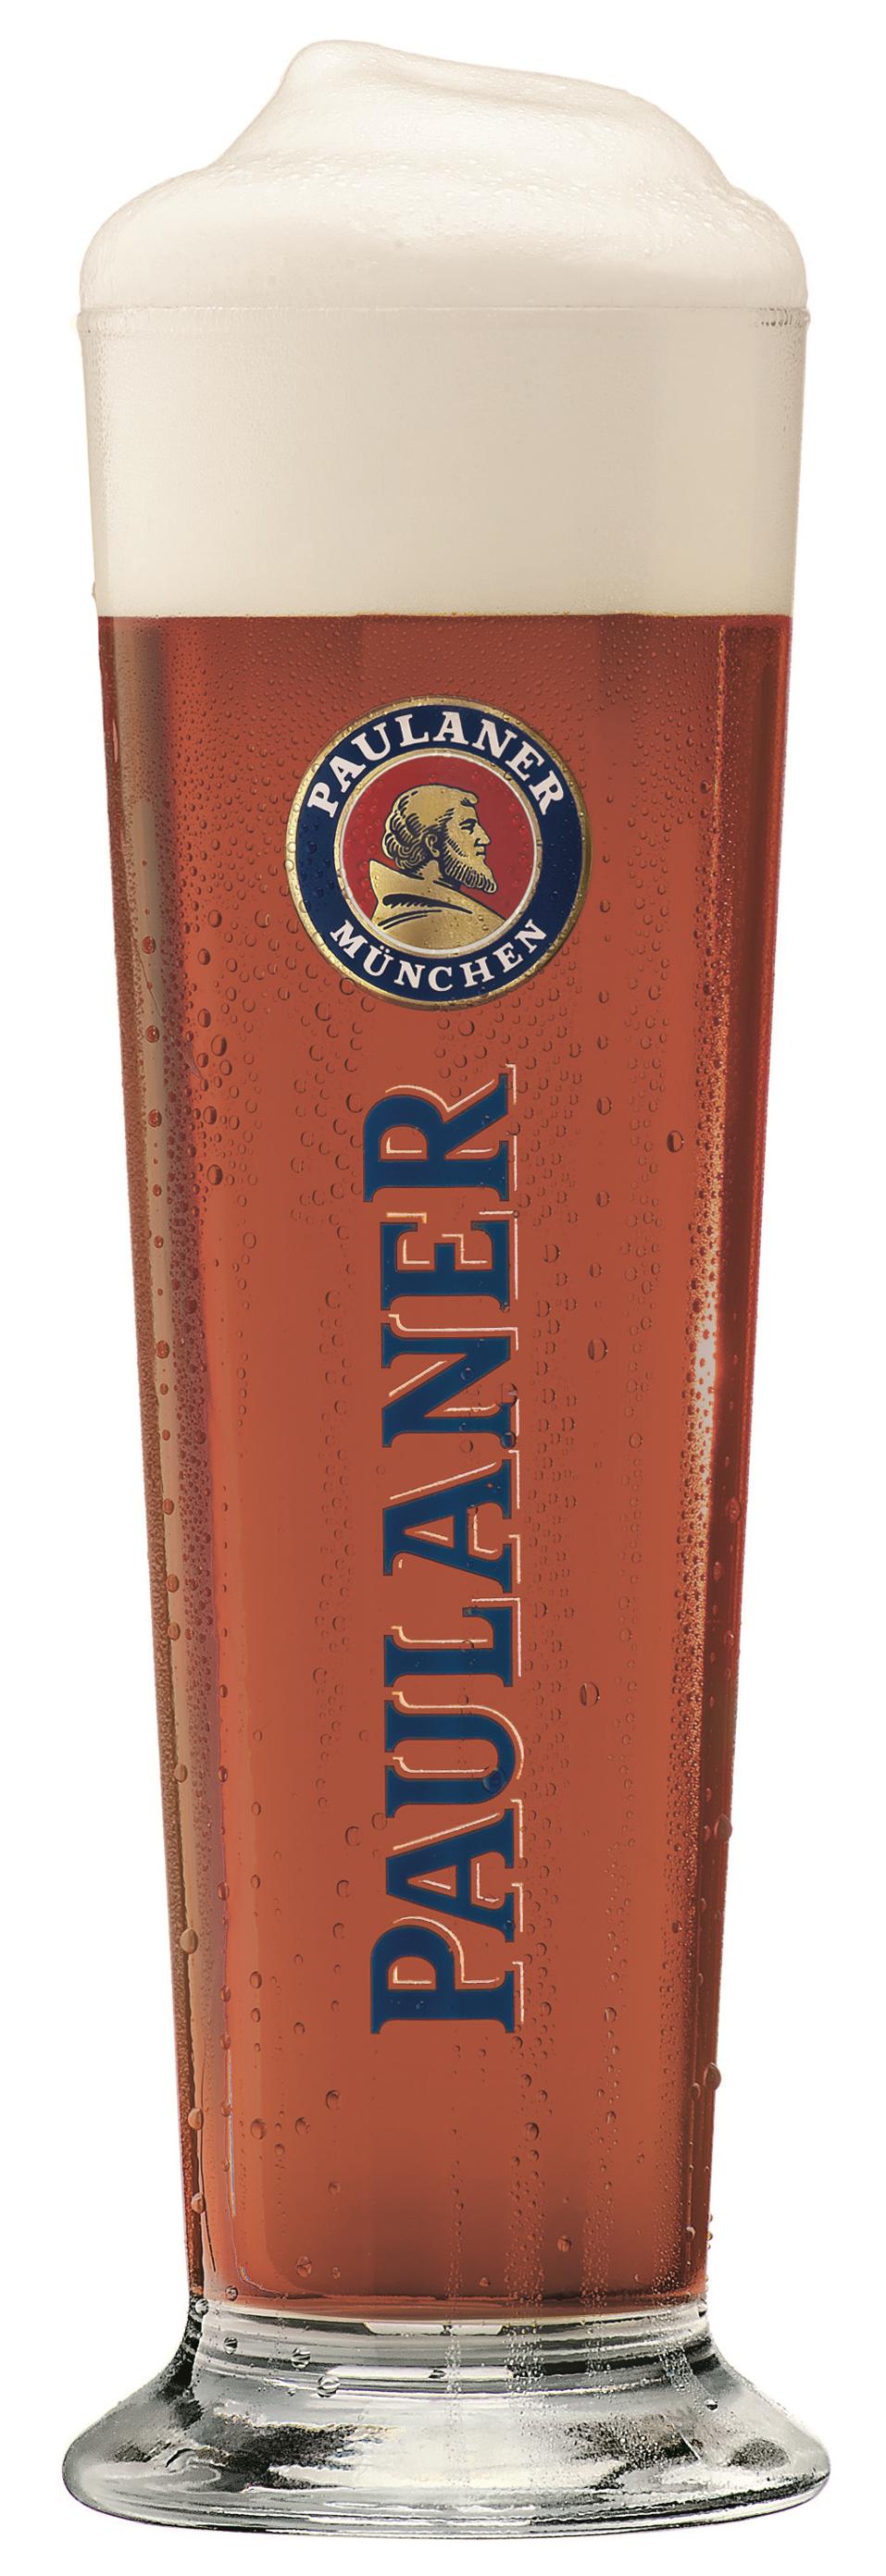 パウラーナーミュンヘナードゥンケル 1100円(300ml)